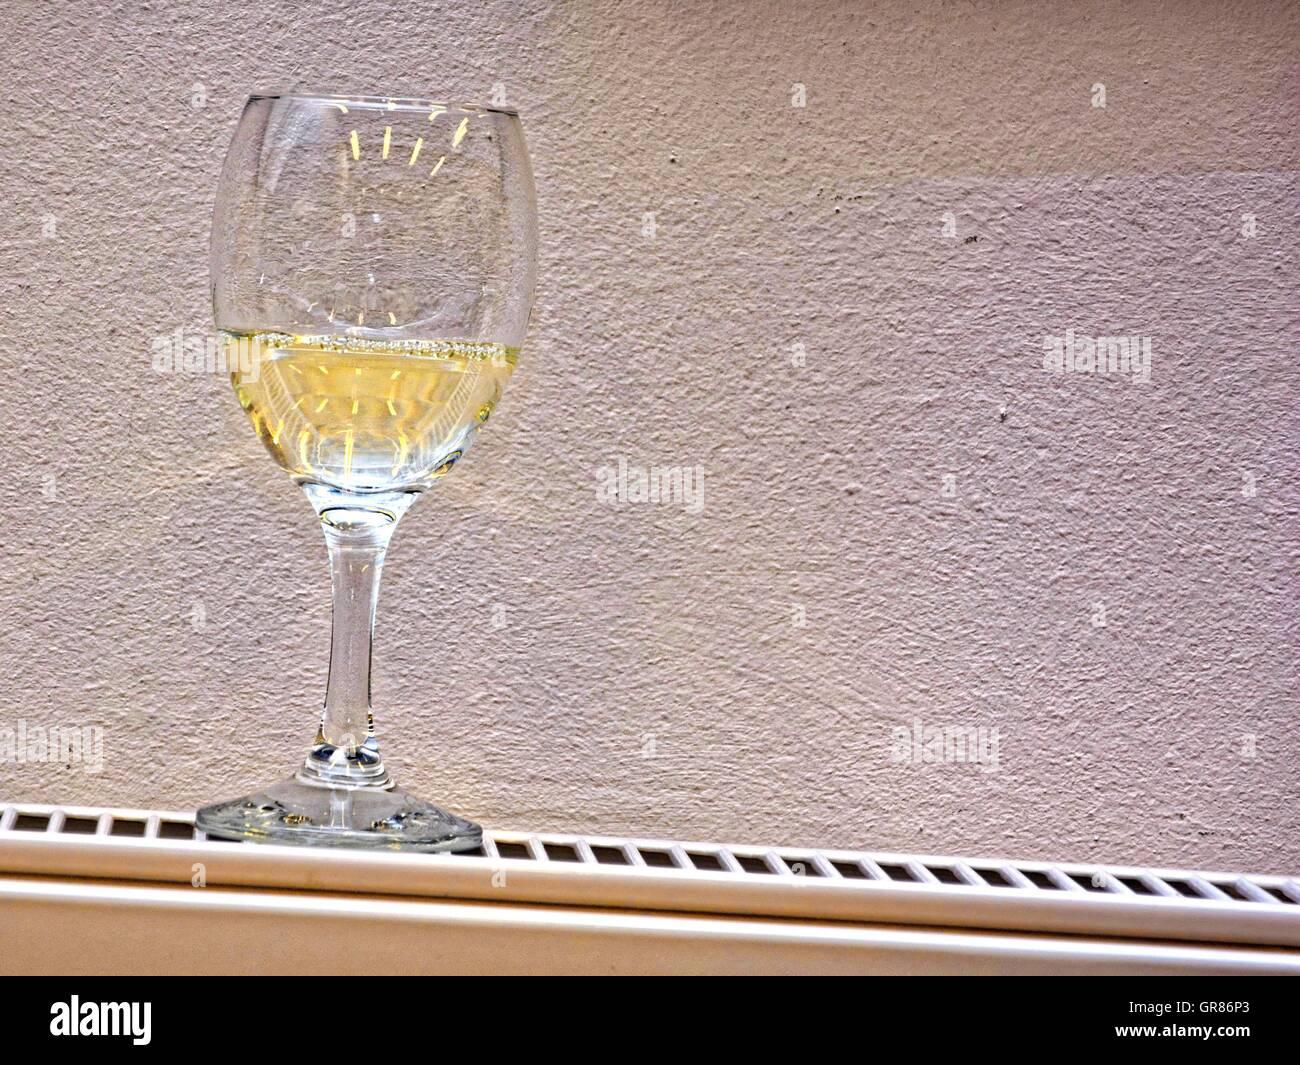 Weinglas mit Weißwein auf geneigten Heizkörper, Heizkörper Stockbild